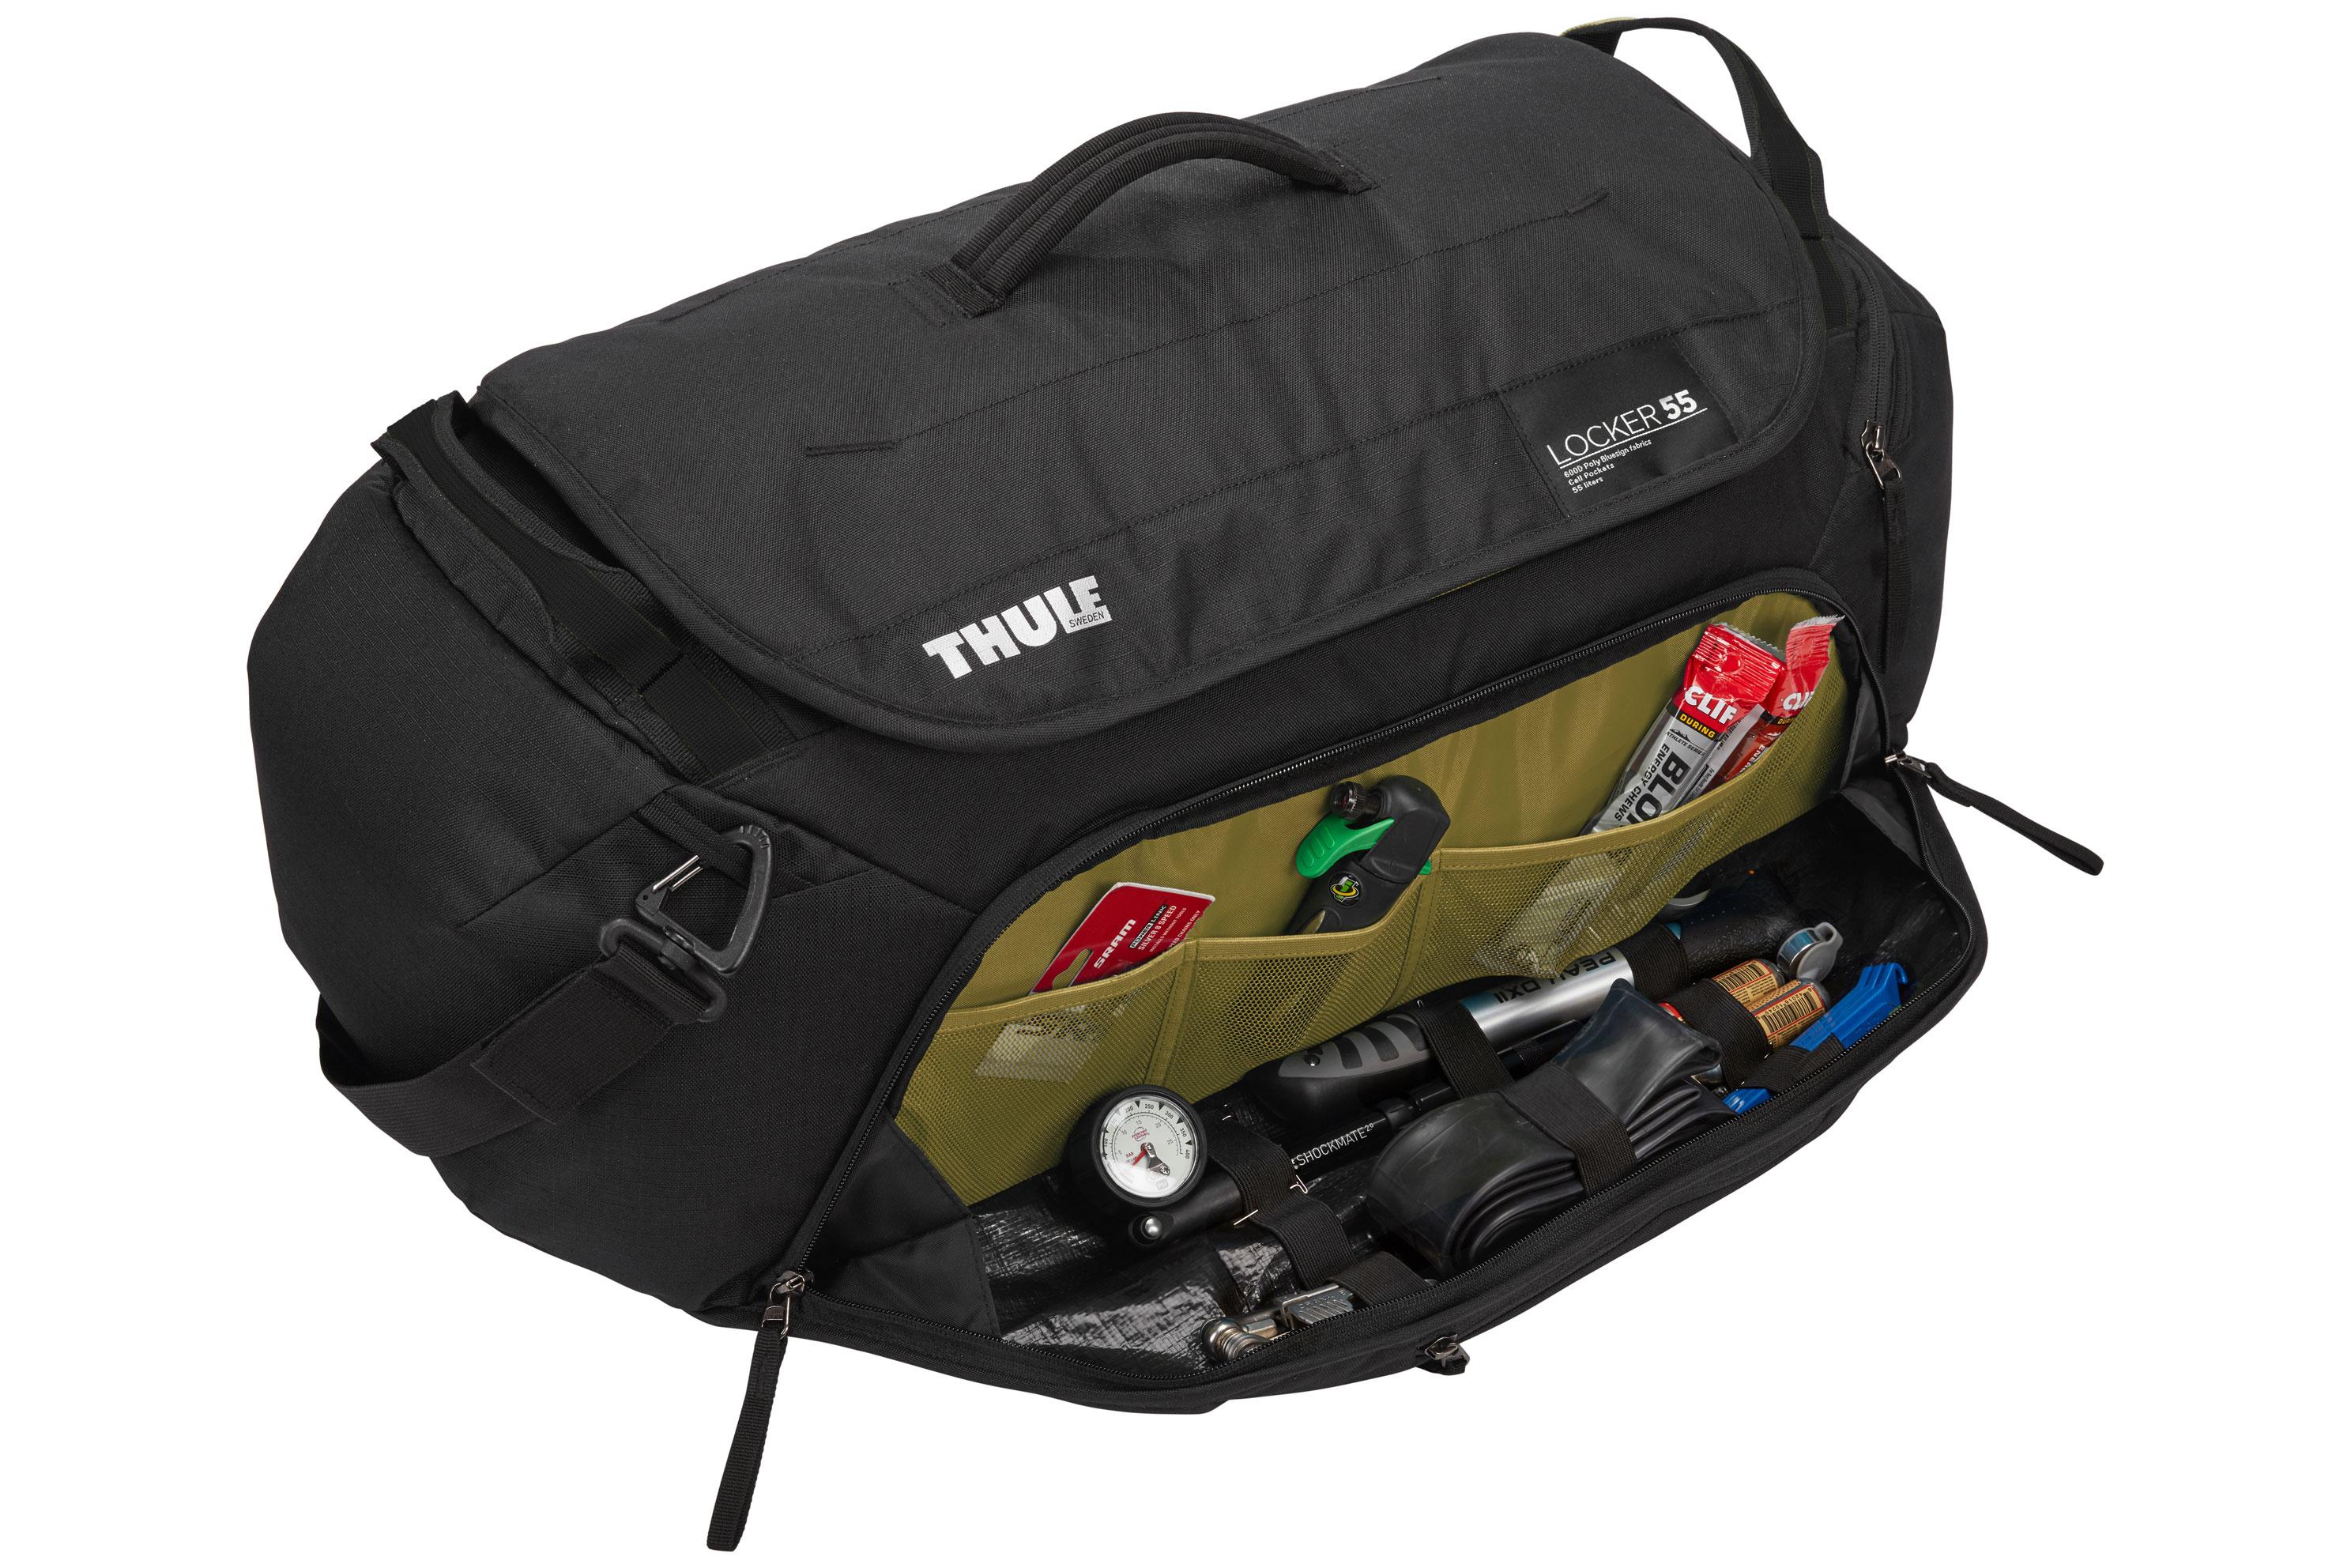 Thule RoundTrip Gear Locker duffel